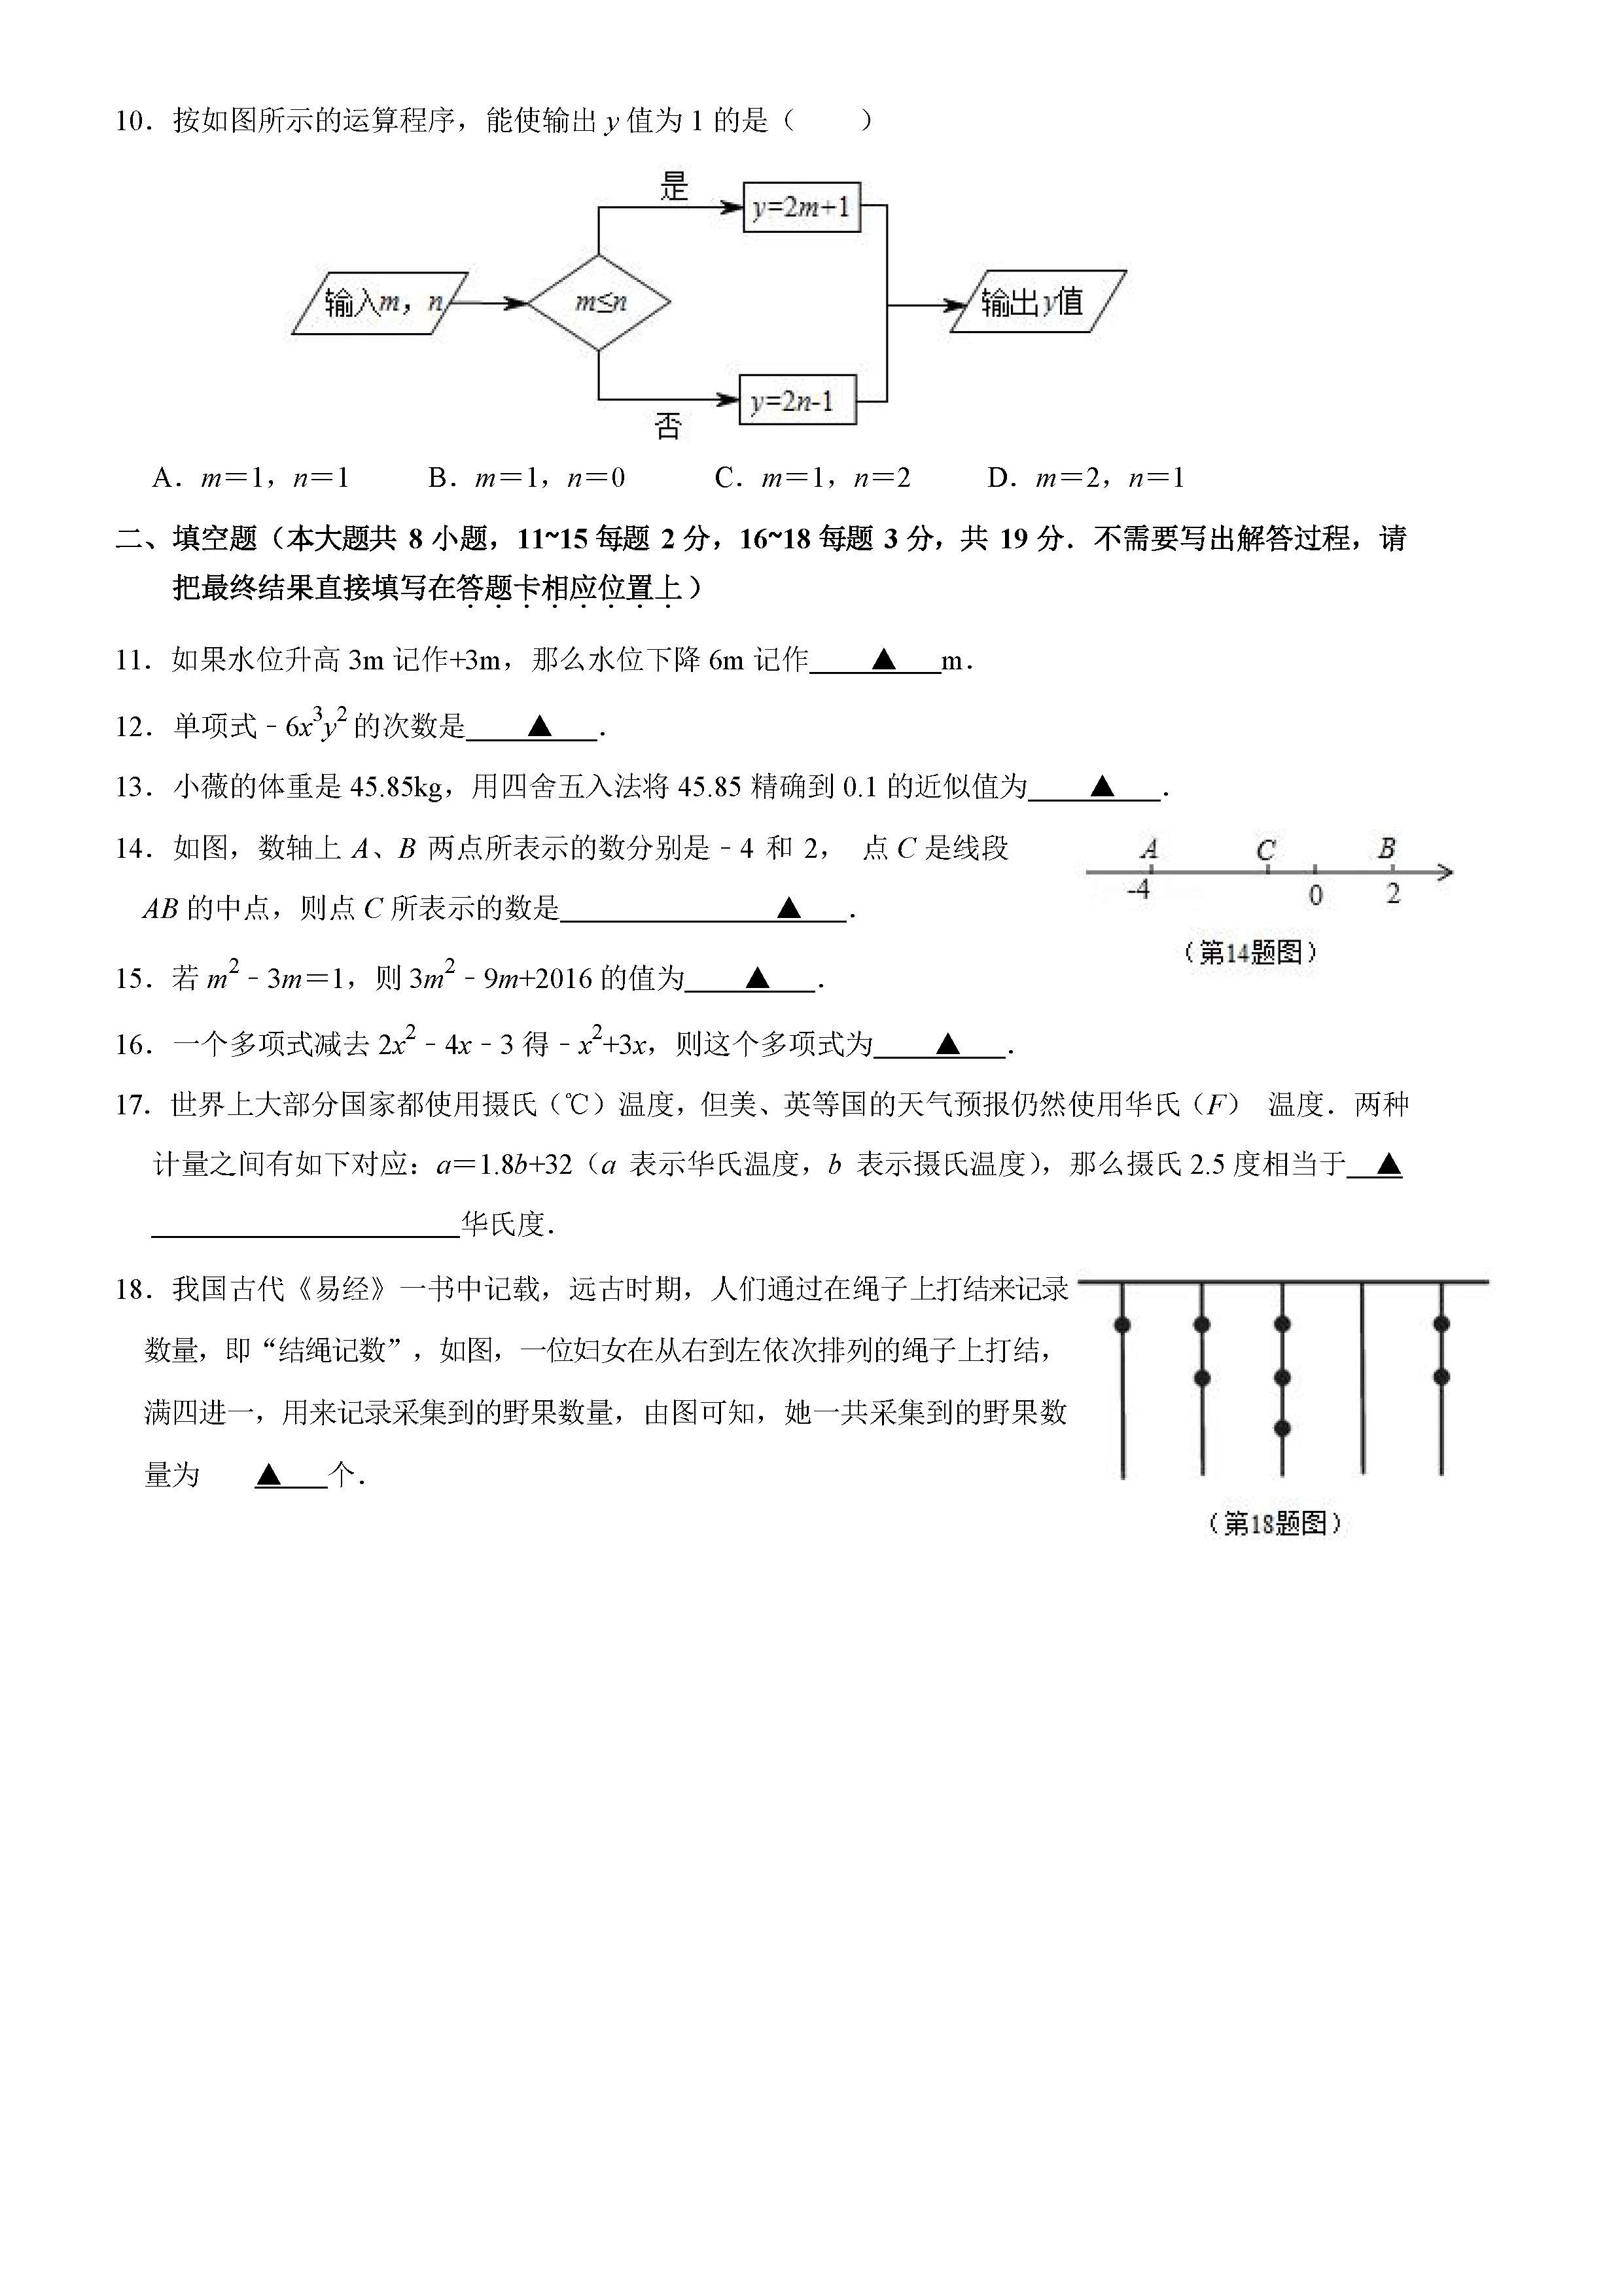 2019-2020江苏省南通市初一年级数学上册期中试题含答案